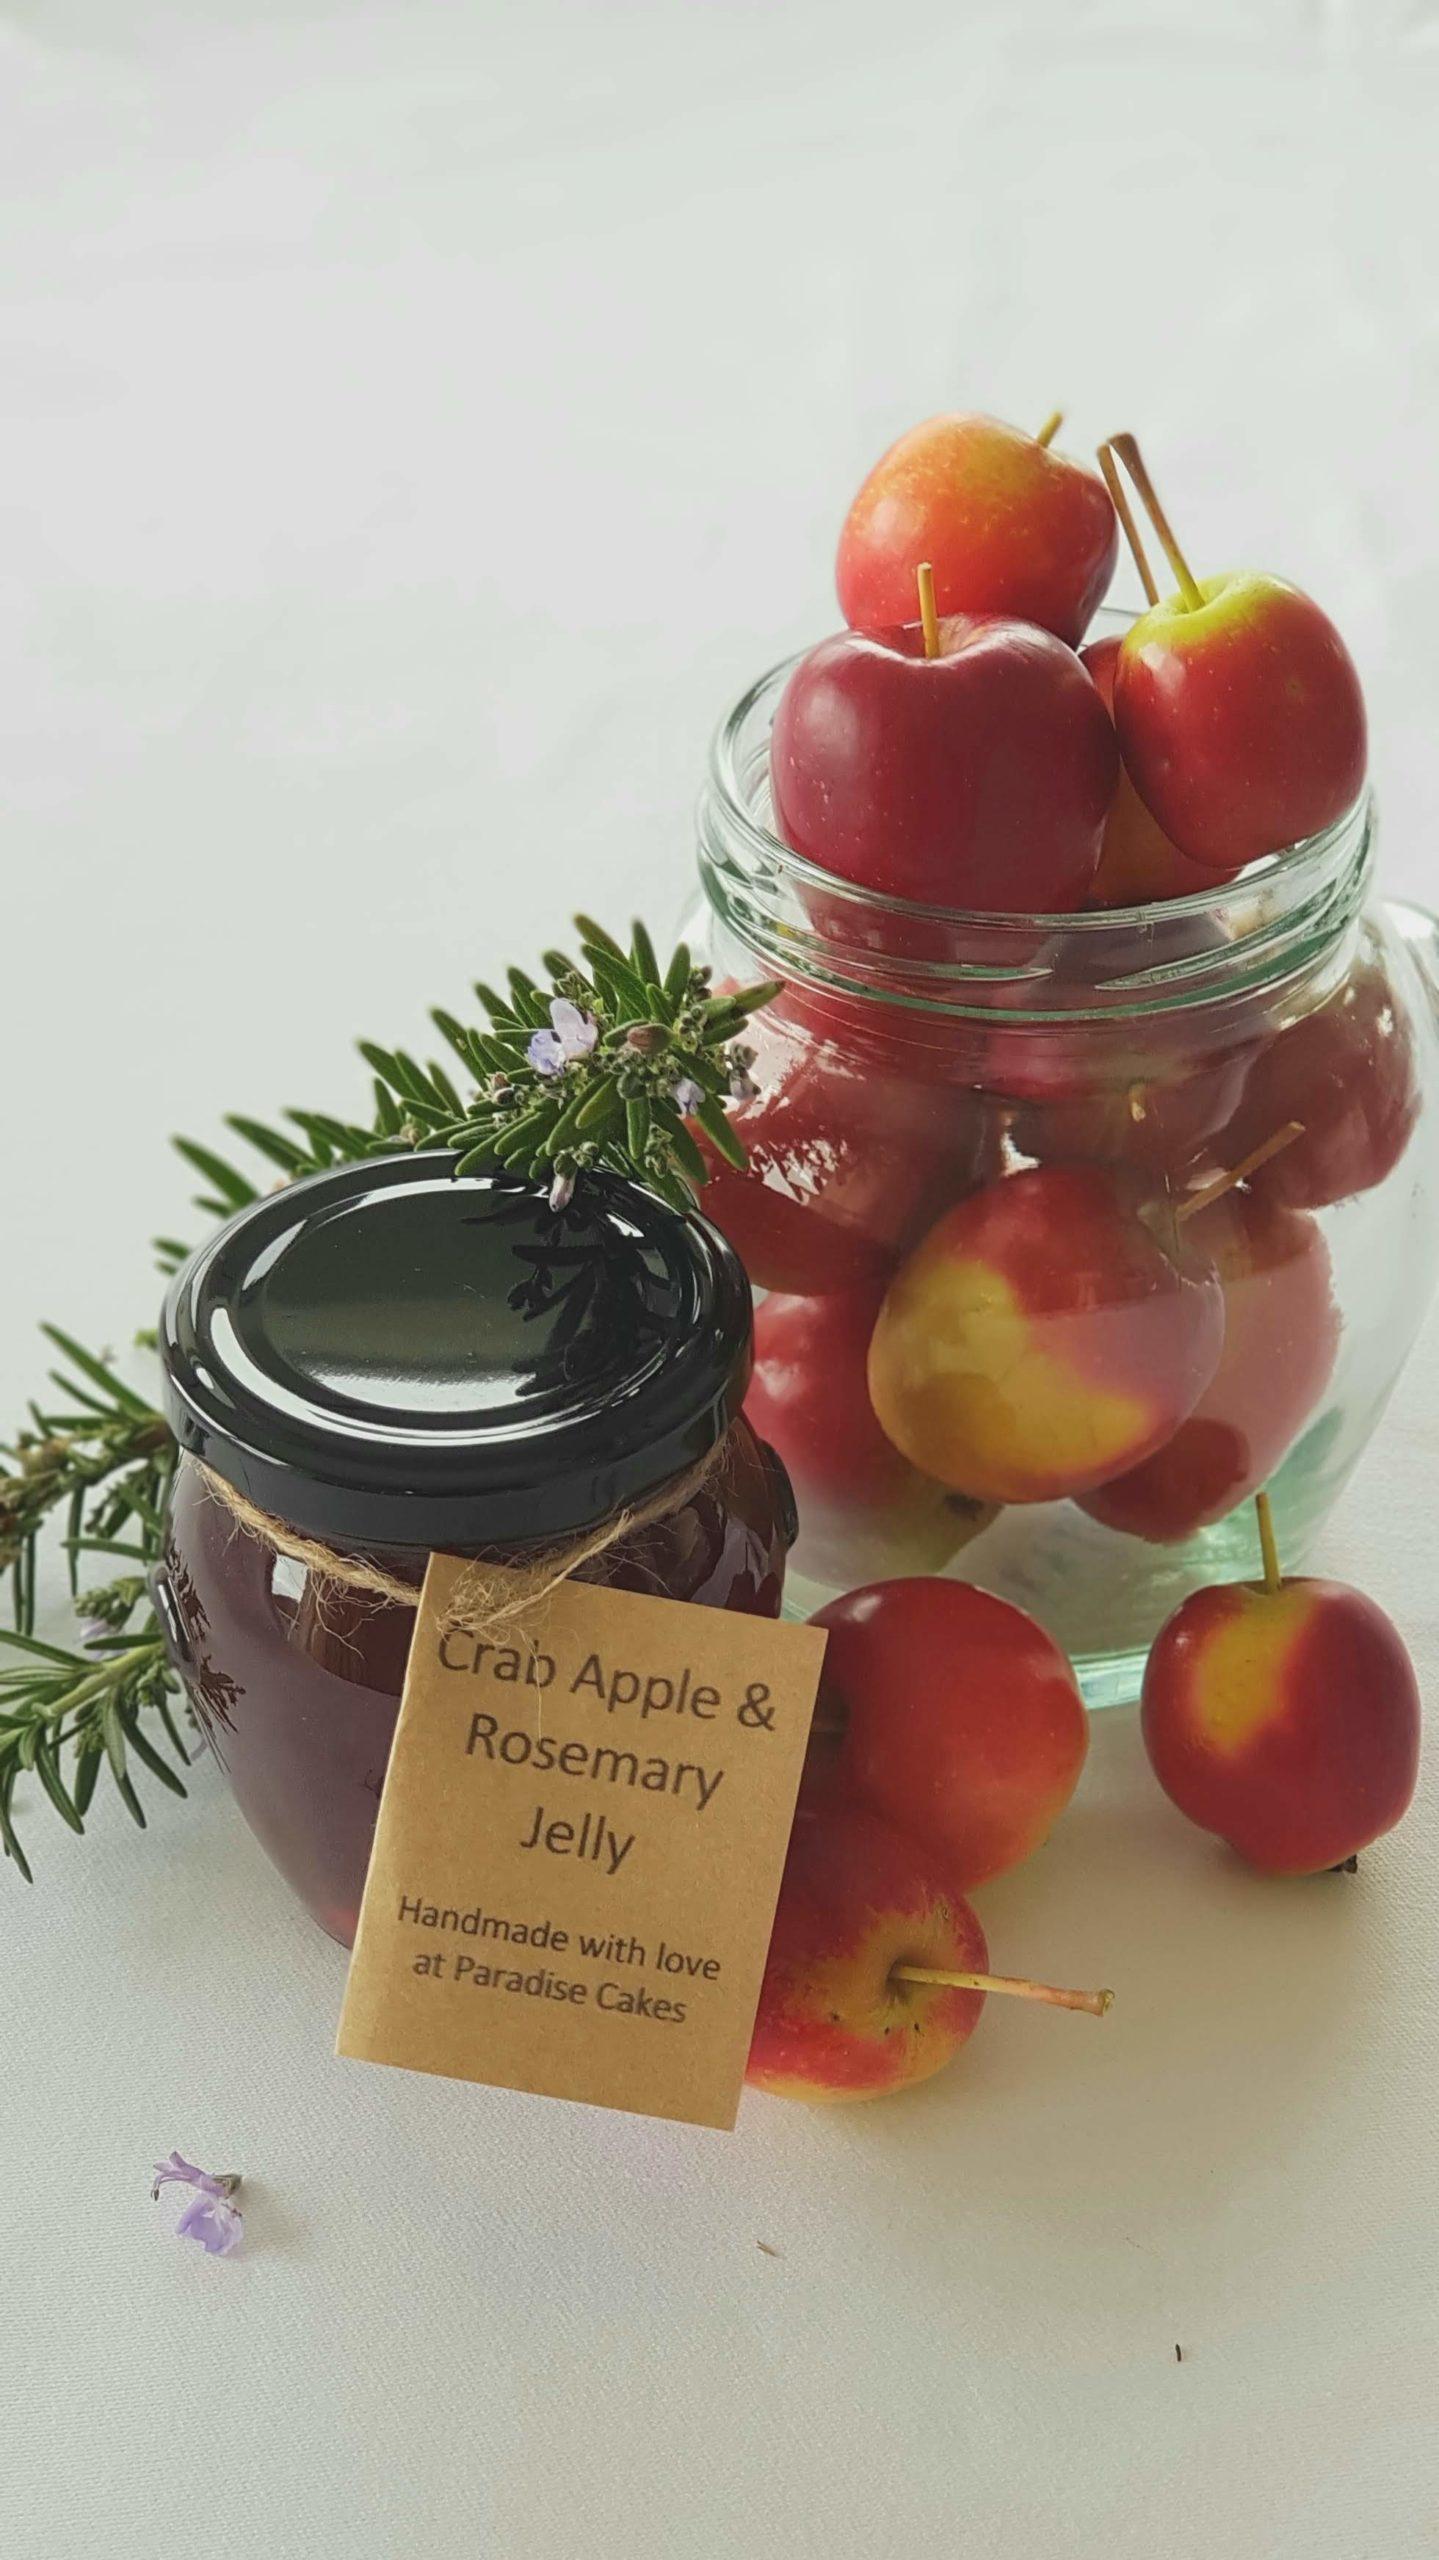 1. Crabapple & rosemary jelly